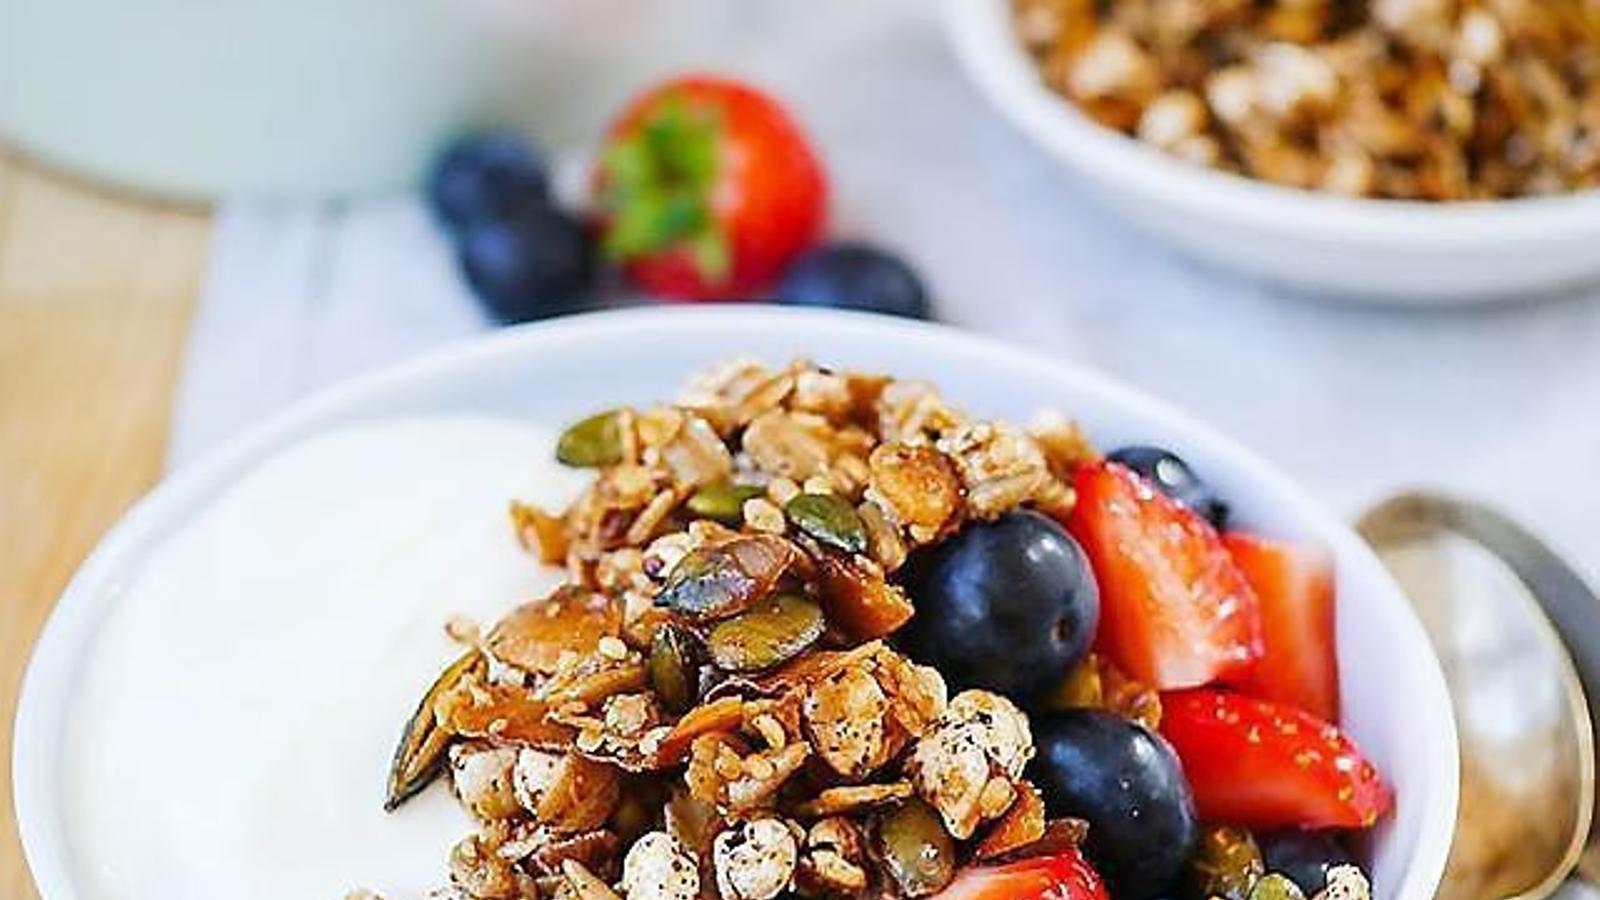 Para cenar un taz n de cereales llega la moda del 39 brinner 39 for Tazon cereales